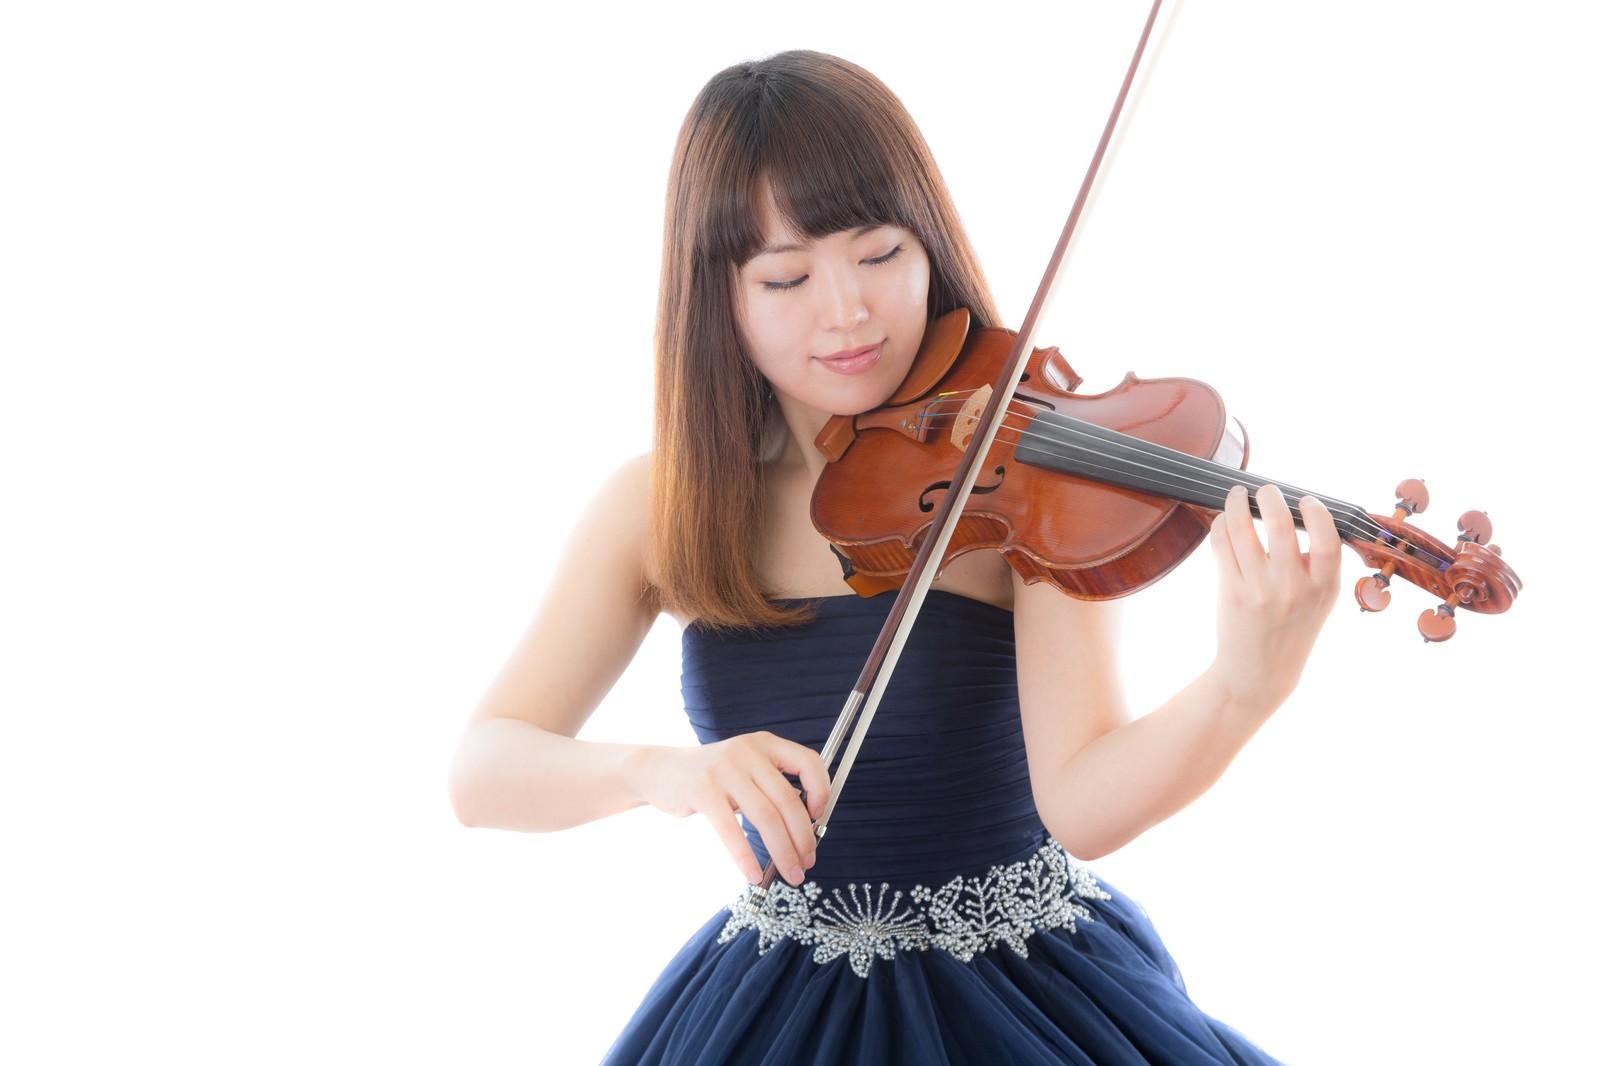 「ヴァイオリンを演奏する女性」の写真[モデル:yukiko]